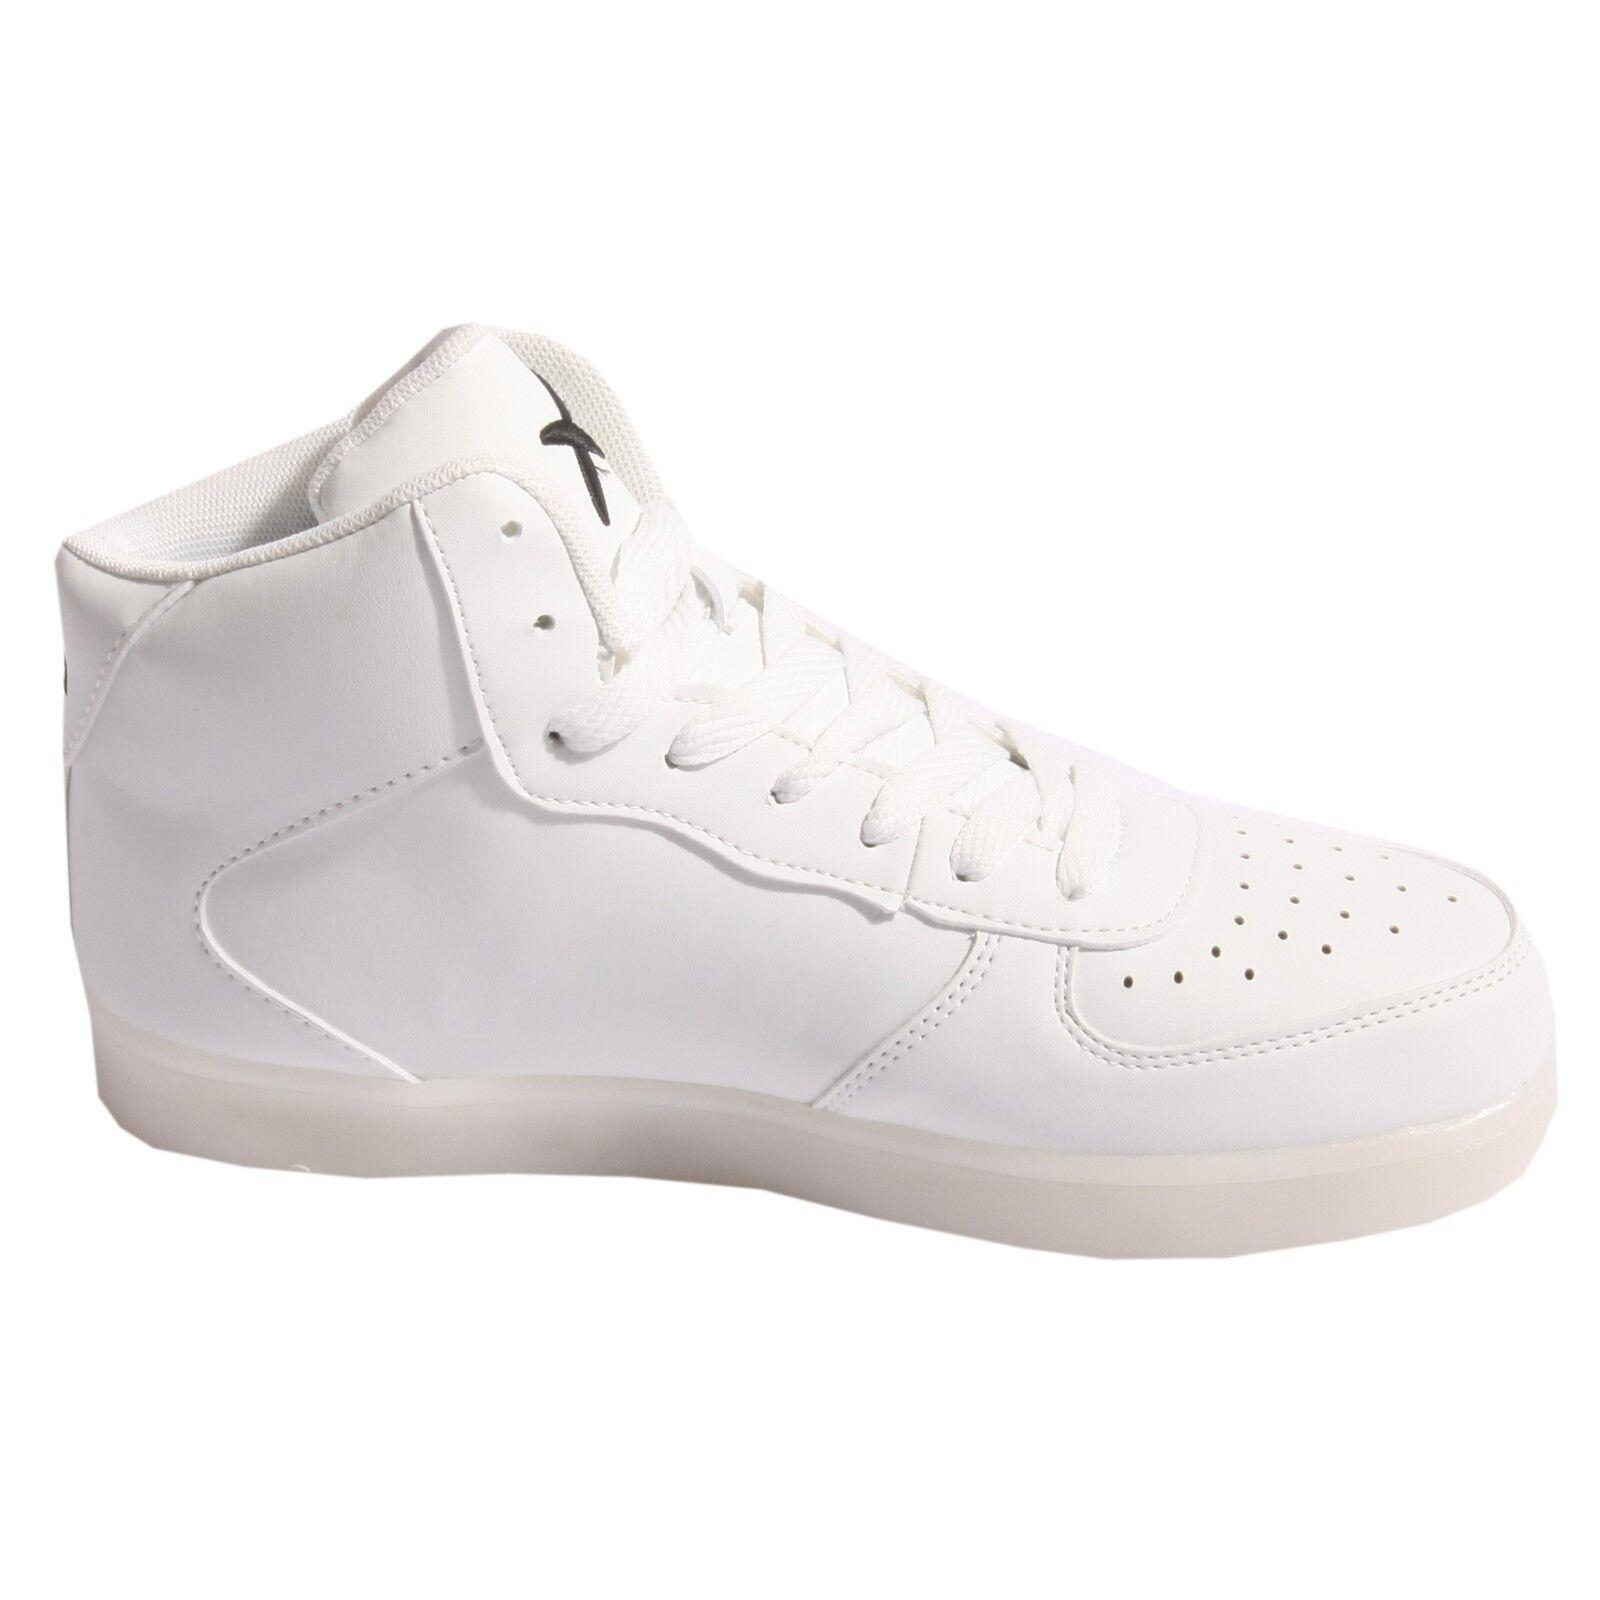 B0511 sneaker uomo uomo uomo WIZE & OPE LIGHT scarpa bianca shoes men 4cc433